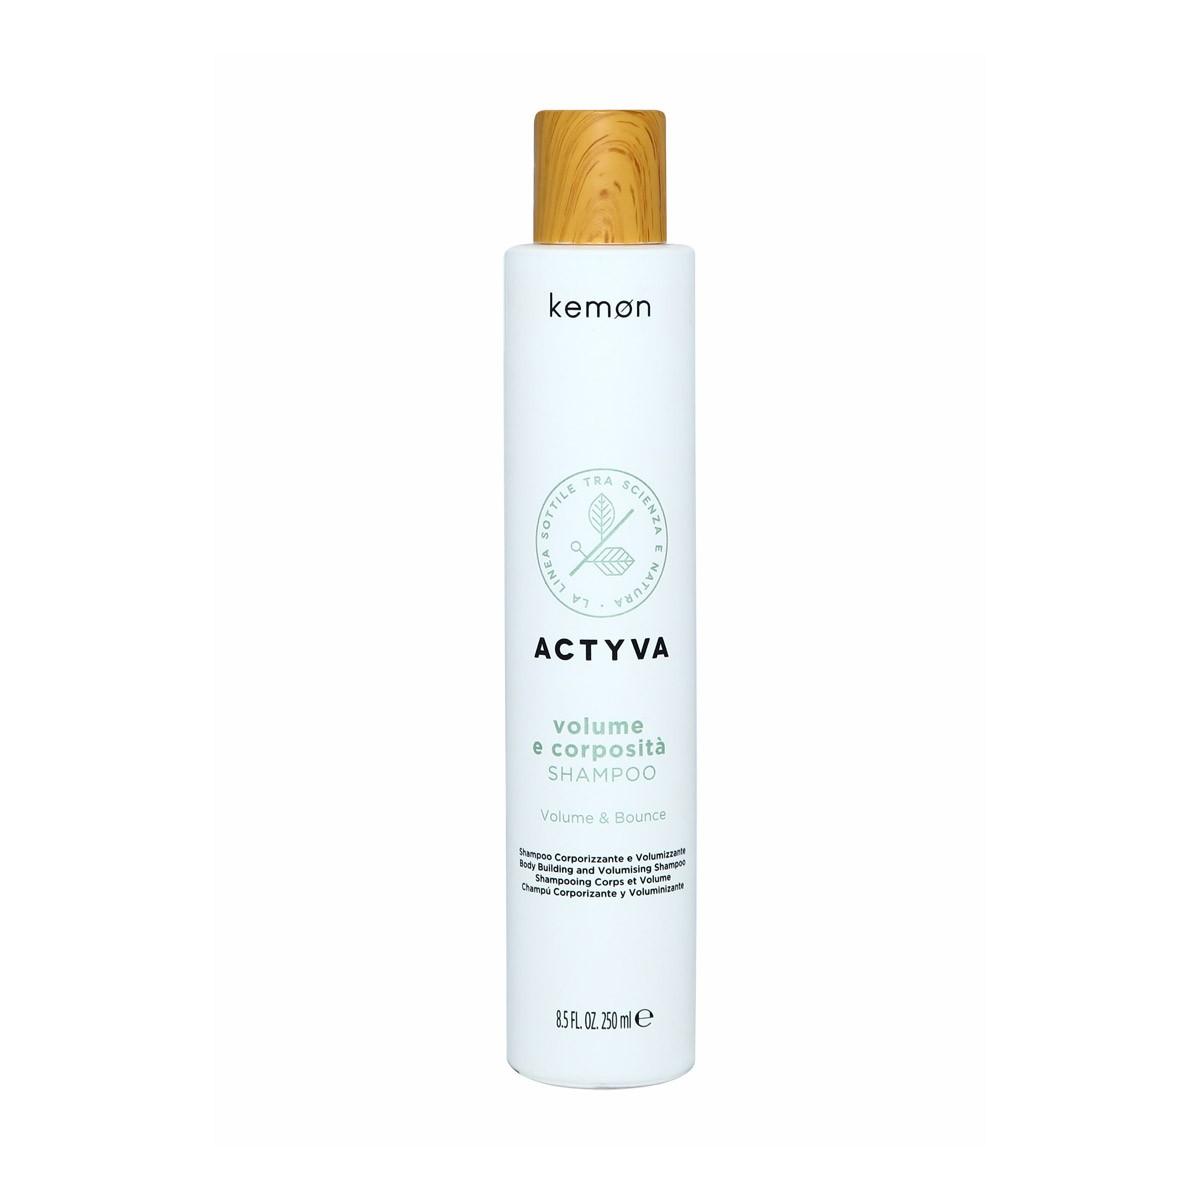 KEMON Actyva Volume e Corposita Shampoo 250ml - Szampon zwiększający objętość fryzury